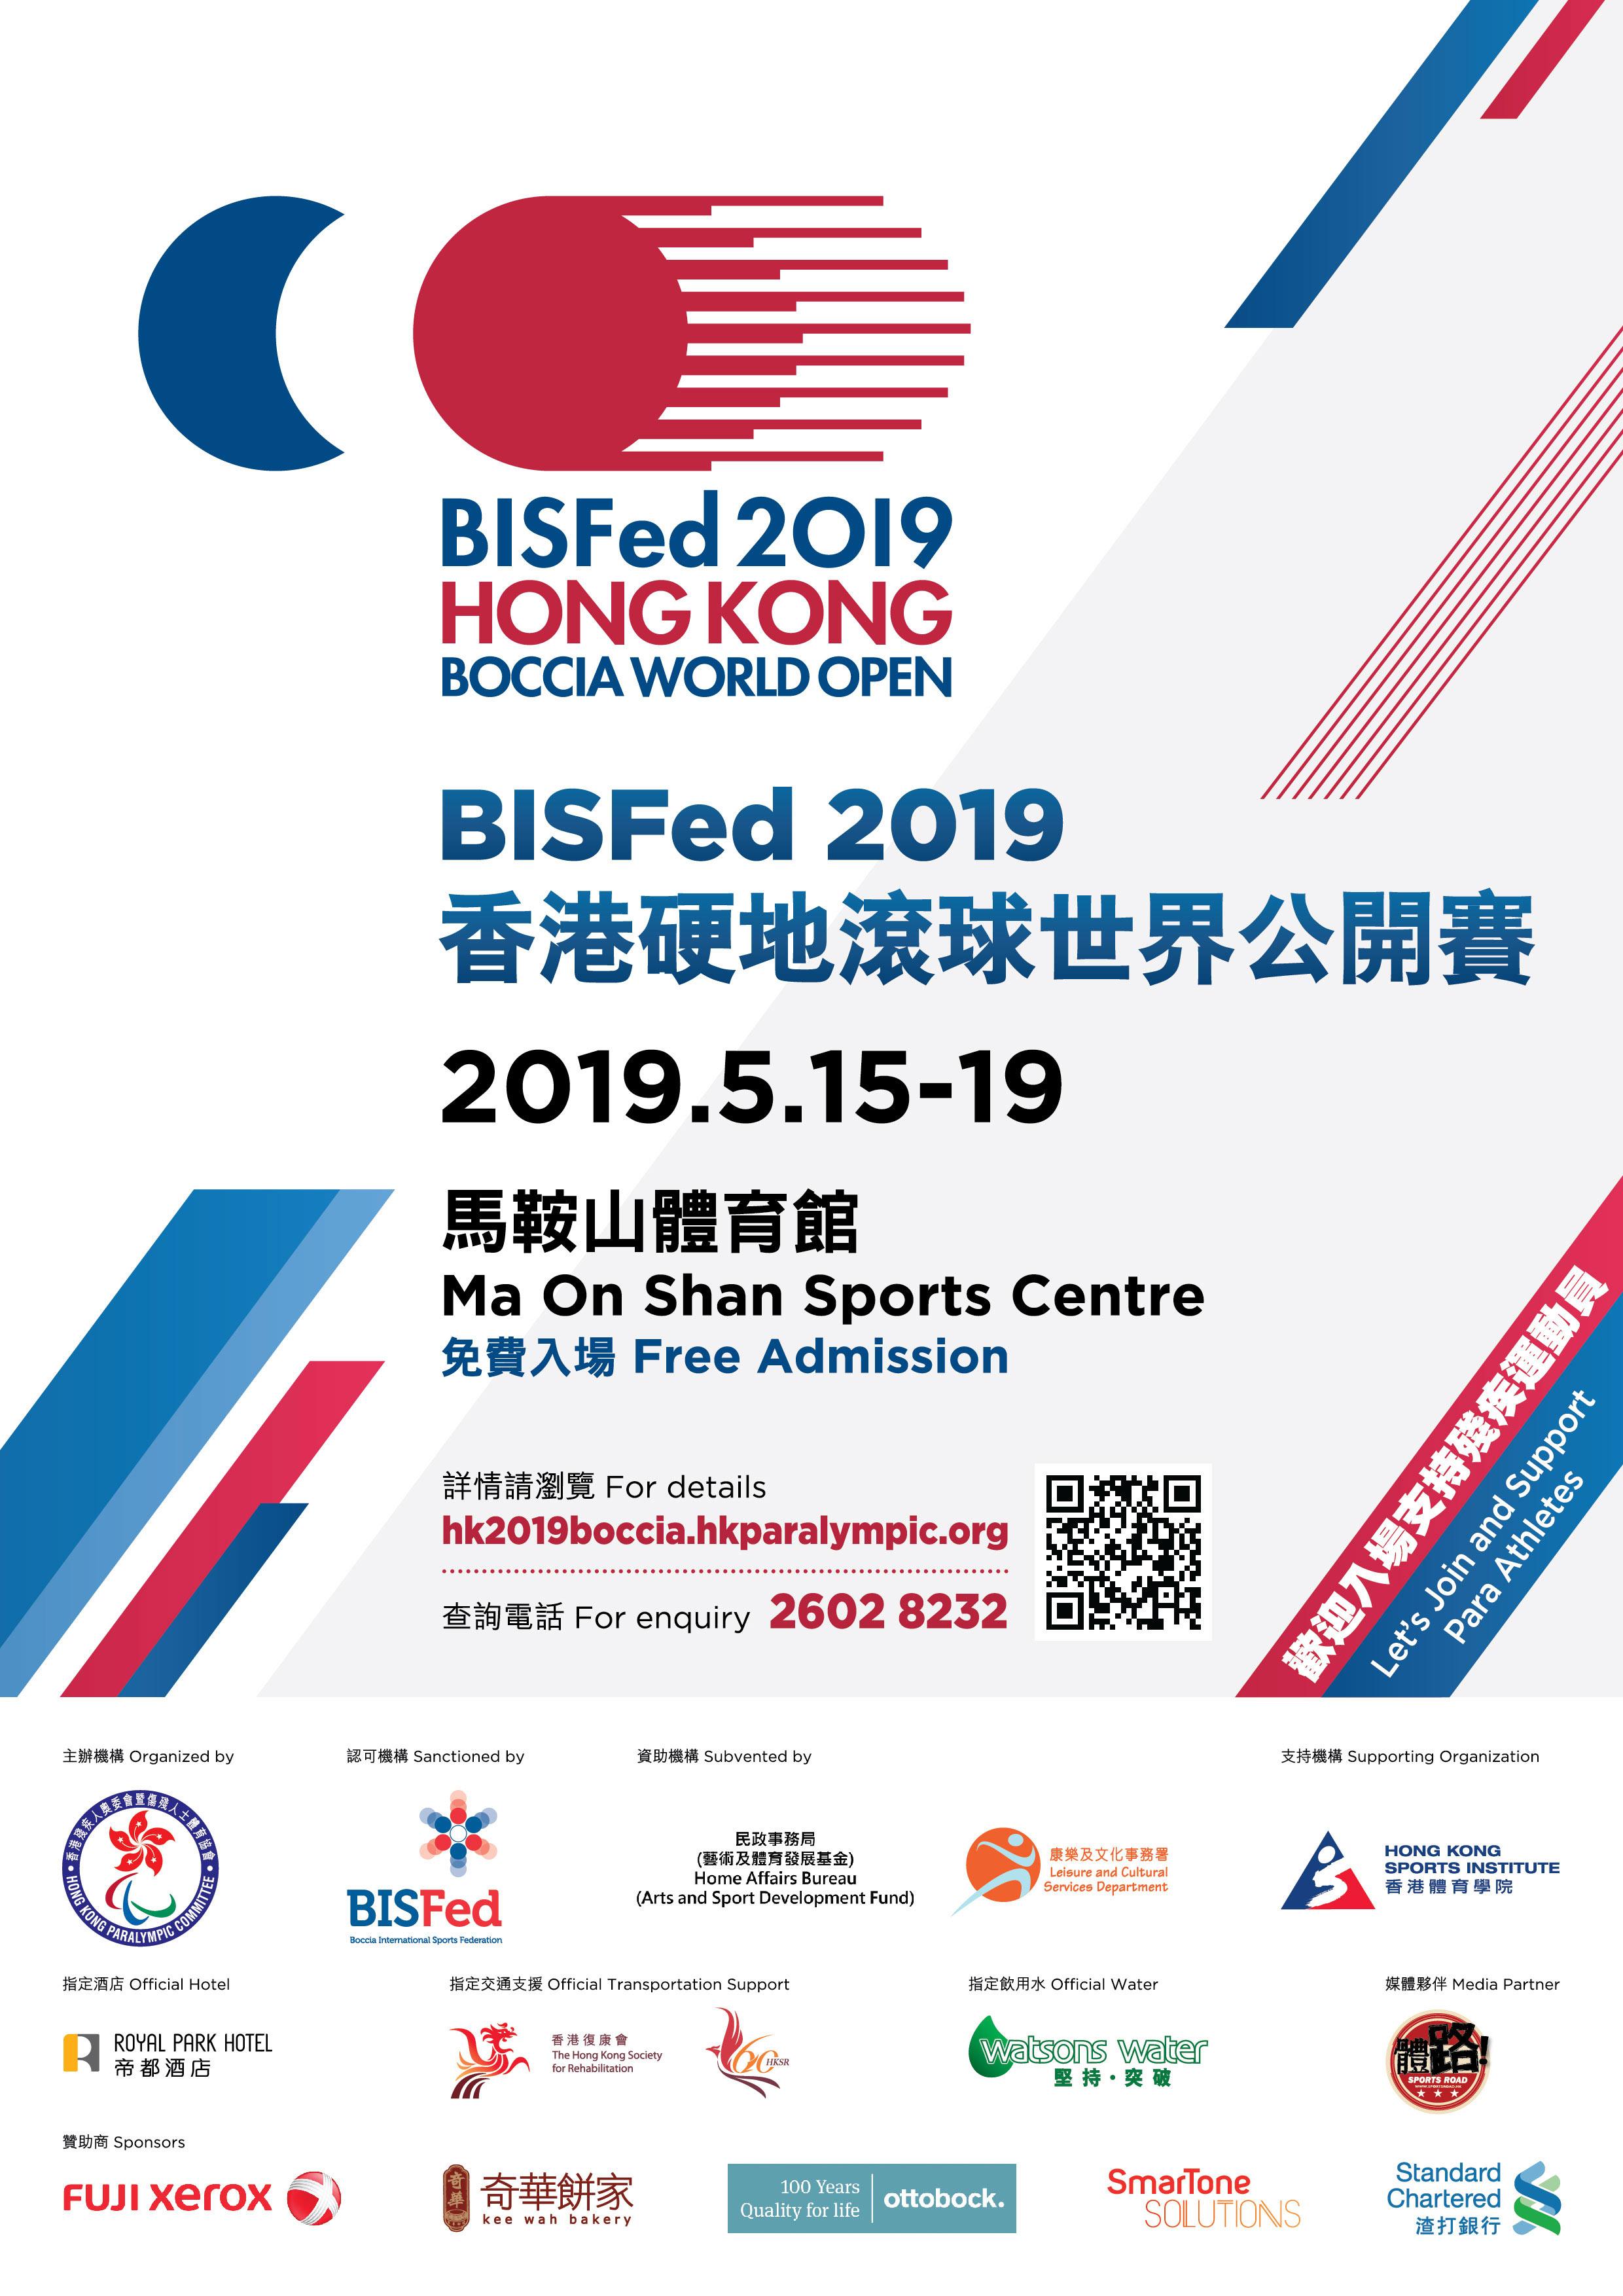 BISFed 2019香港硬地滾球世界公開賽即將揭幕